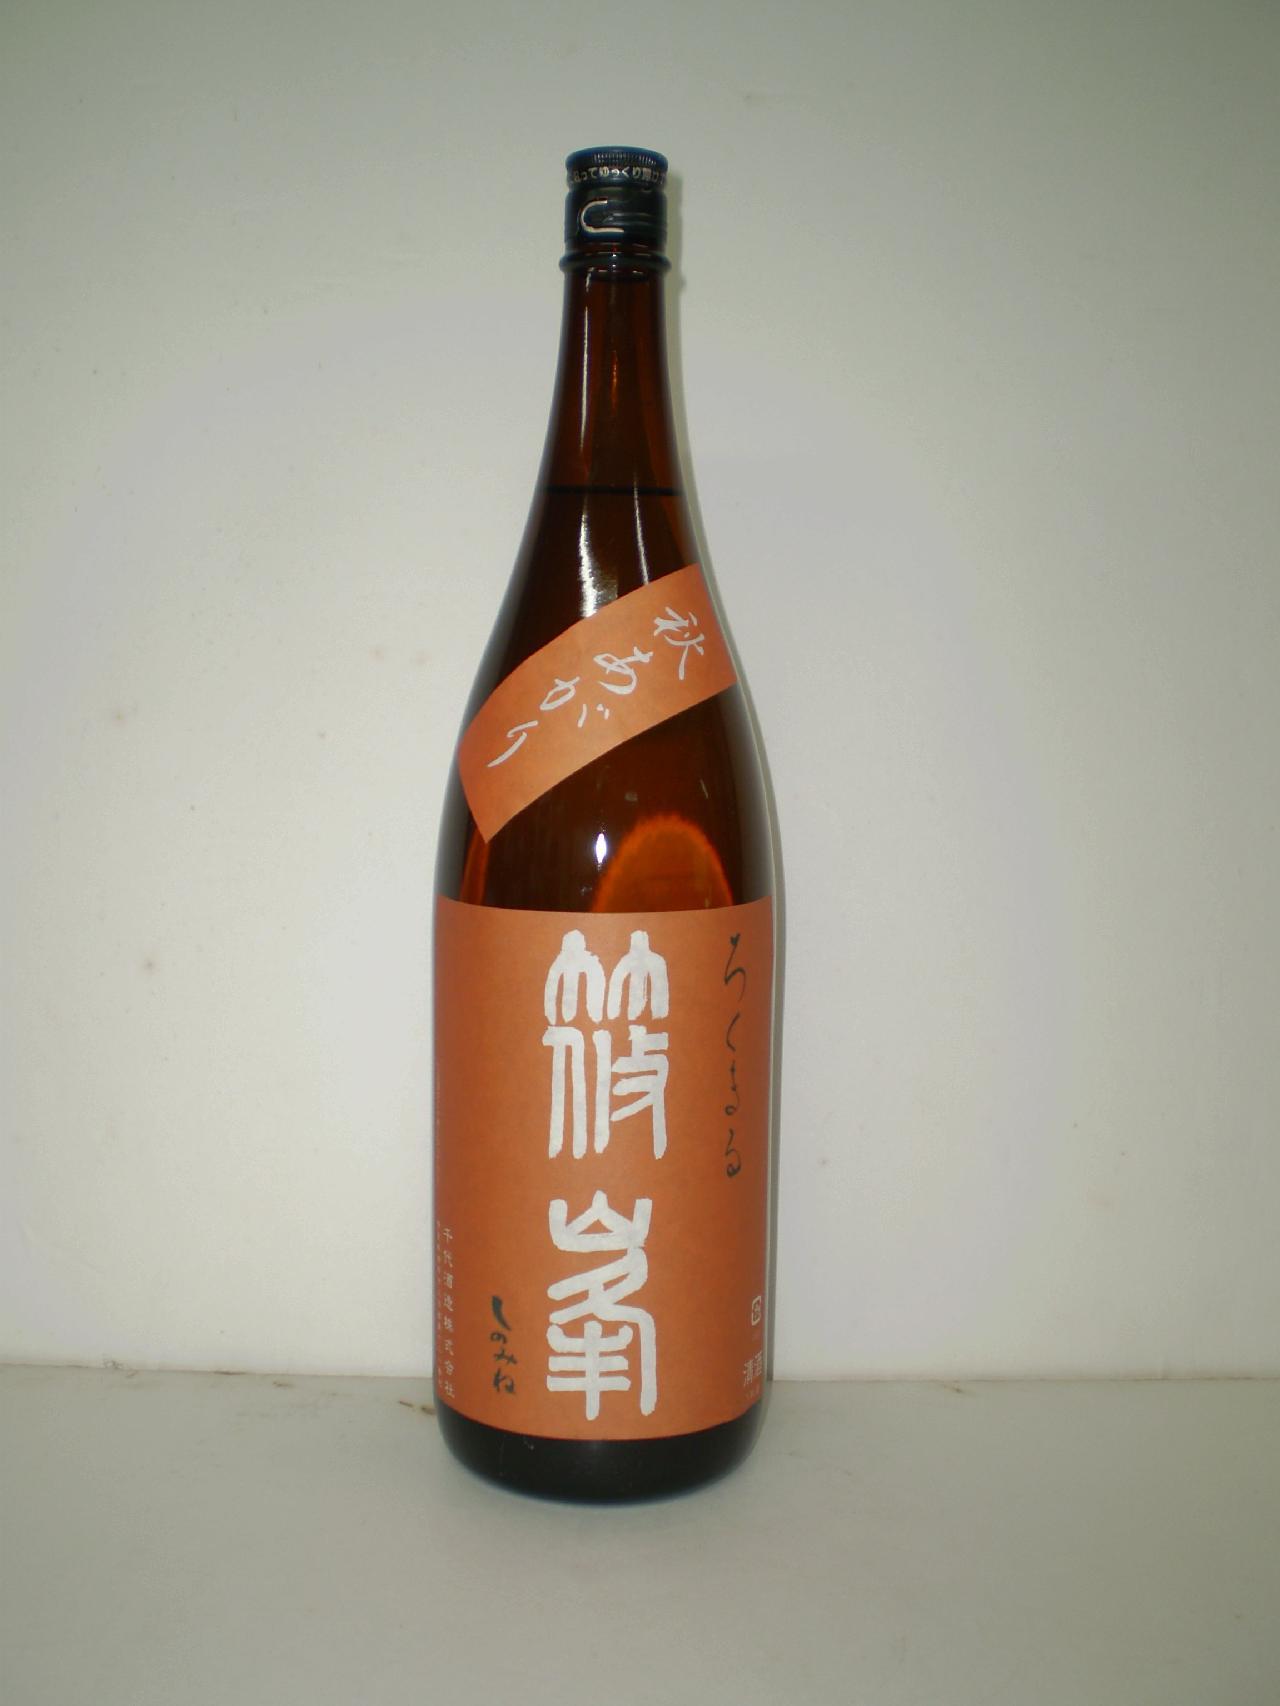 篠峯 ろくまる純米吟醸 秋あがり 1800ml 千代酒造